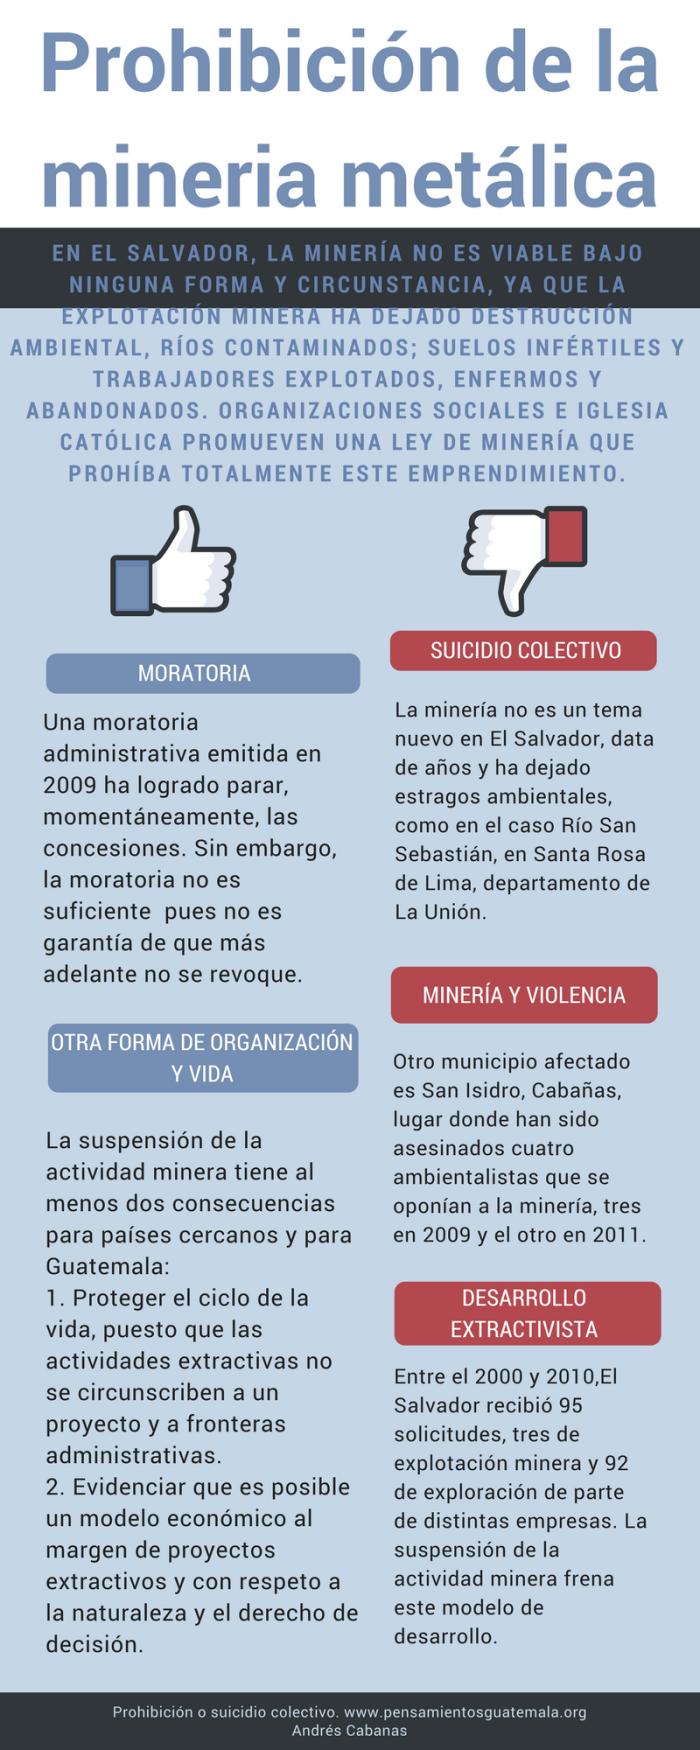 Prohibición minería en El Salvador